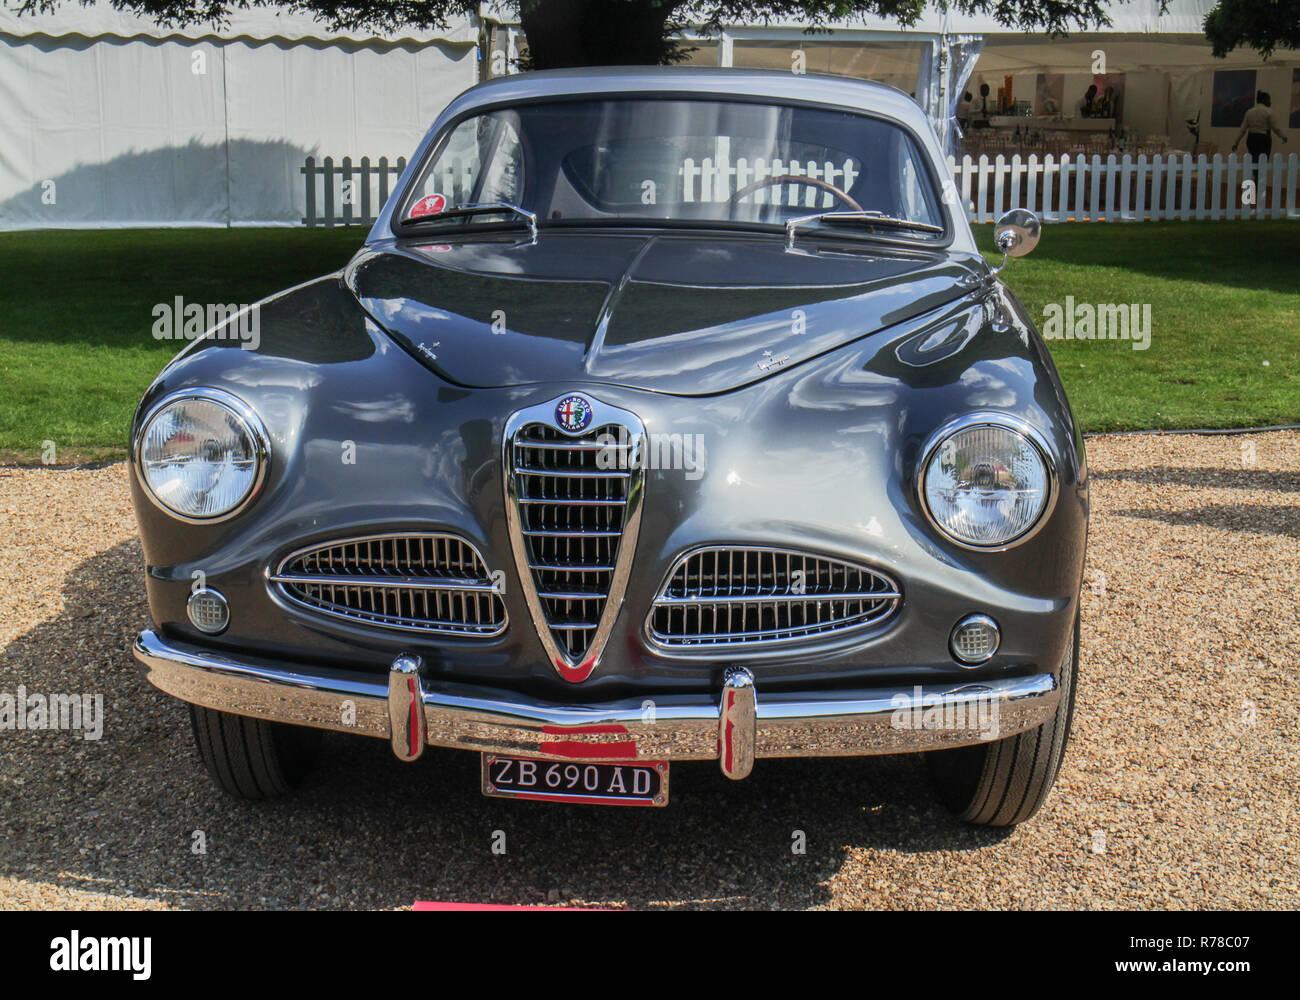 Un 1952 Alfa Romeo 1900 'Pre - serie' Sprint Coupe al Concours di Eleganza 2018 a Hanpton Court Palace, East Molesey, Surrey Immagini Stock